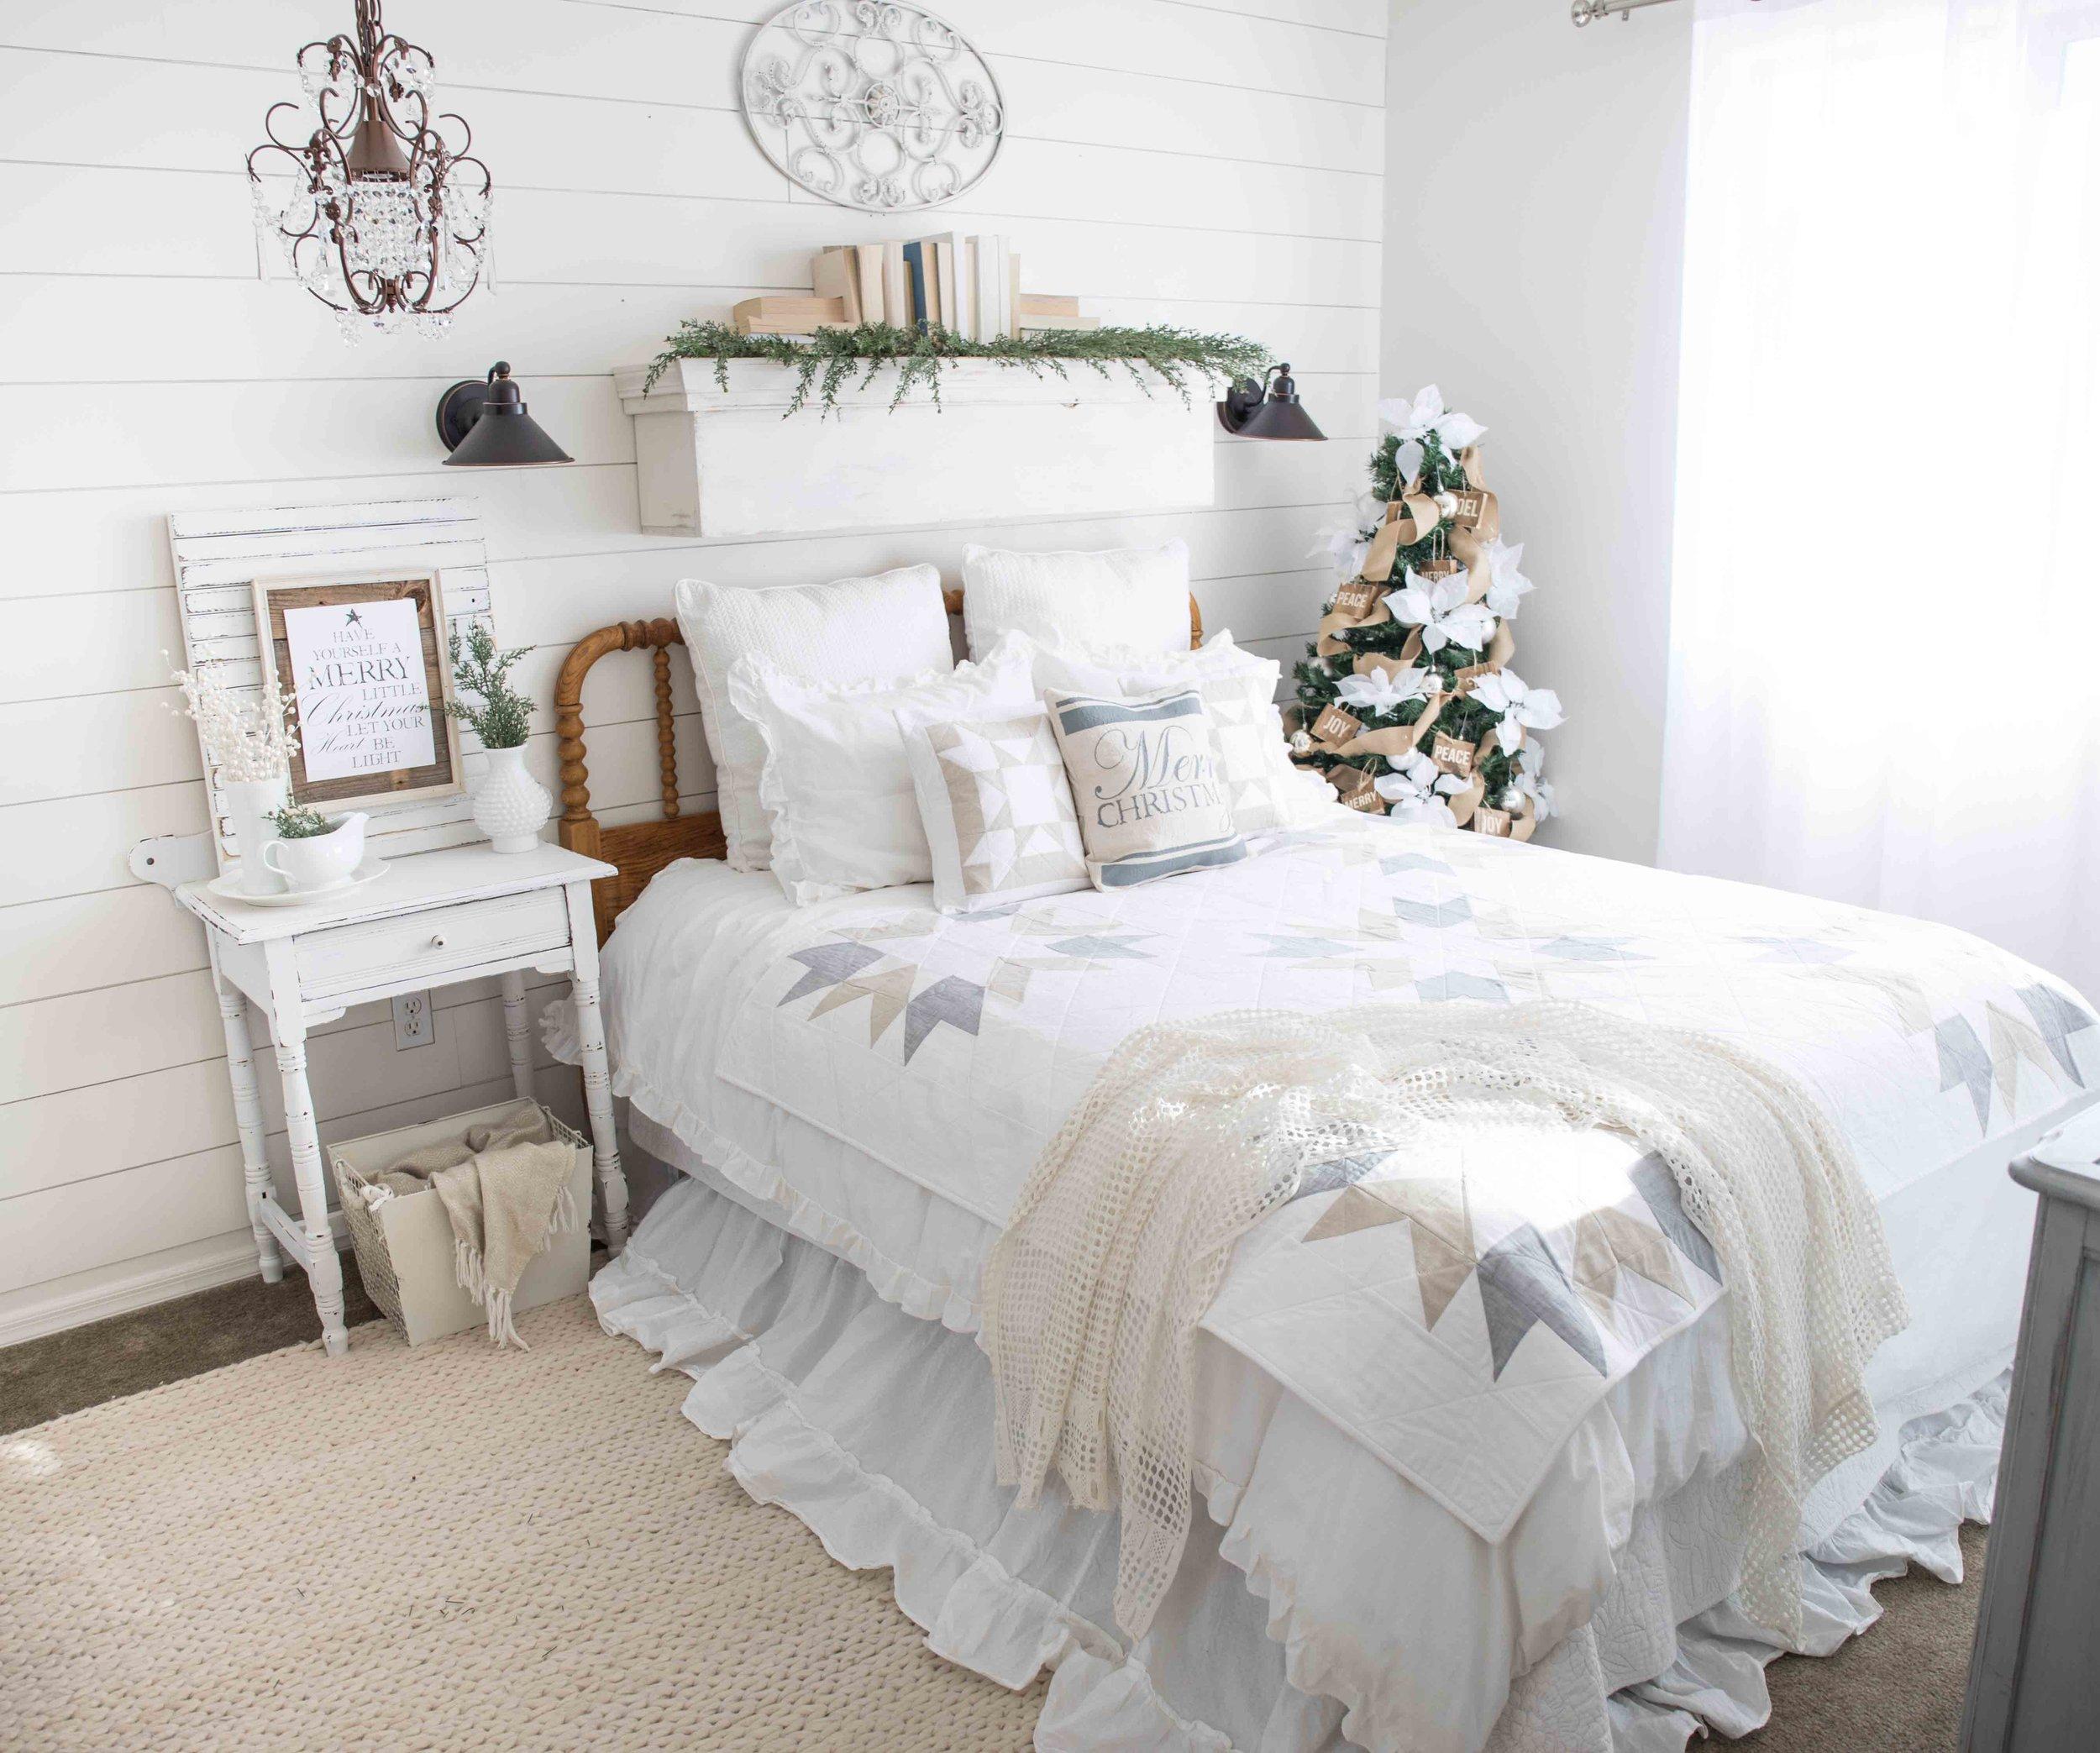 Farmhouse Christmas Bedroom Tour The Mountain View Cottage